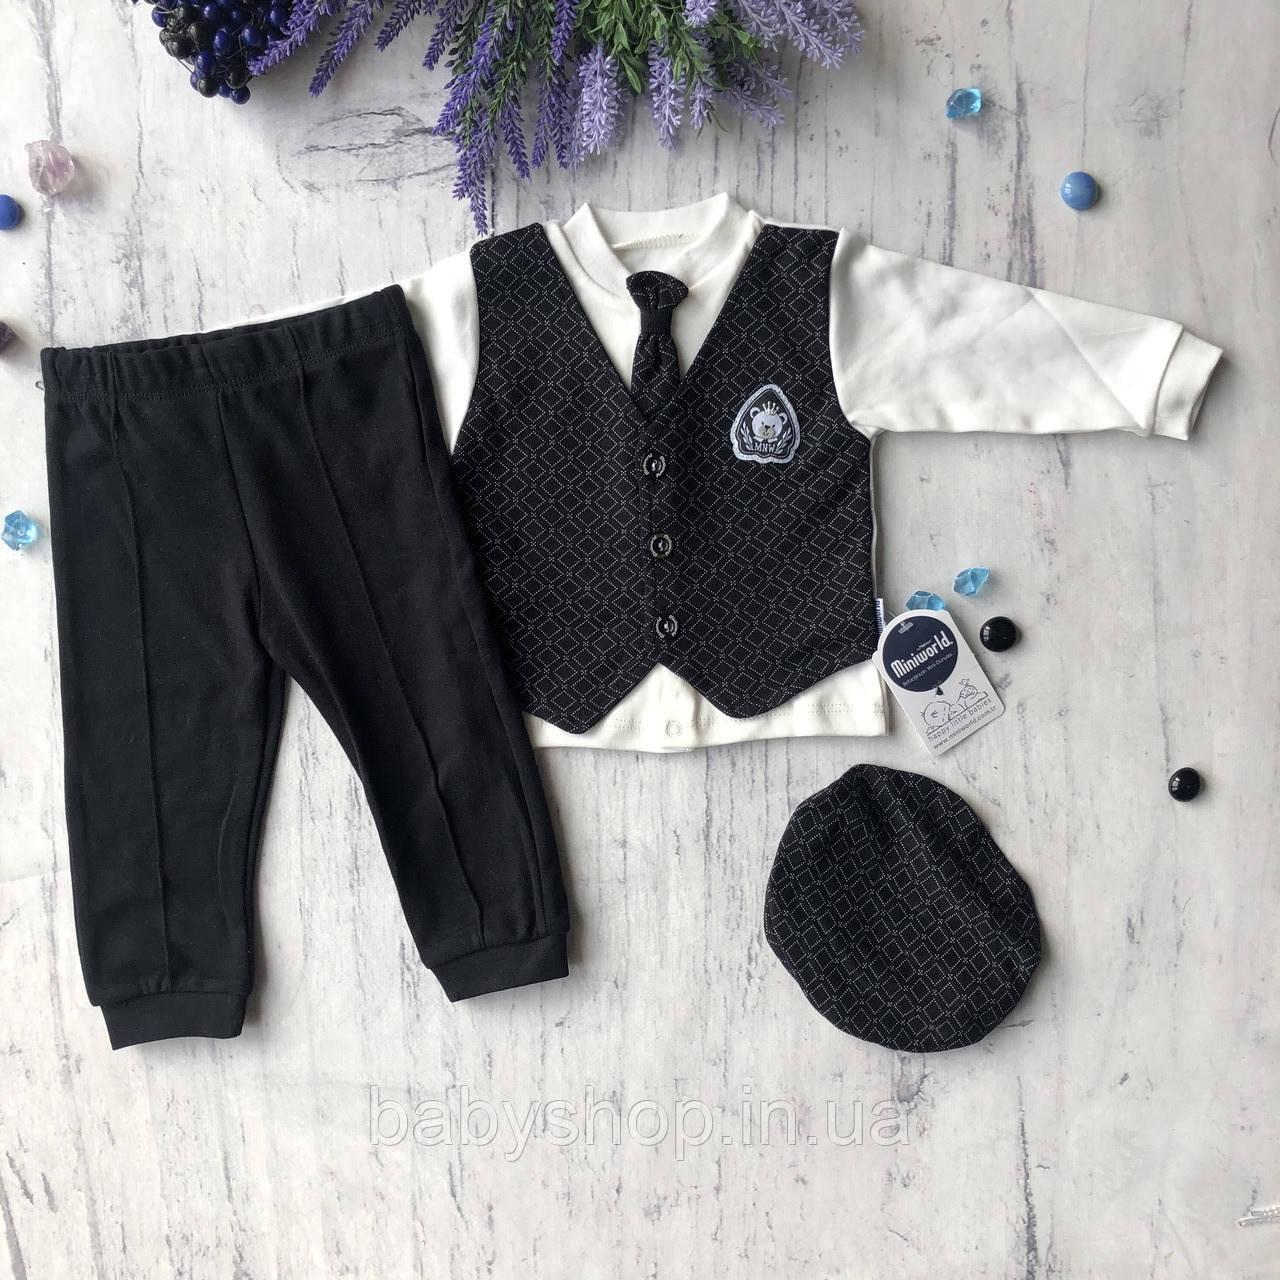 Нарядный костюм на мальчика 555. Размер 68 см